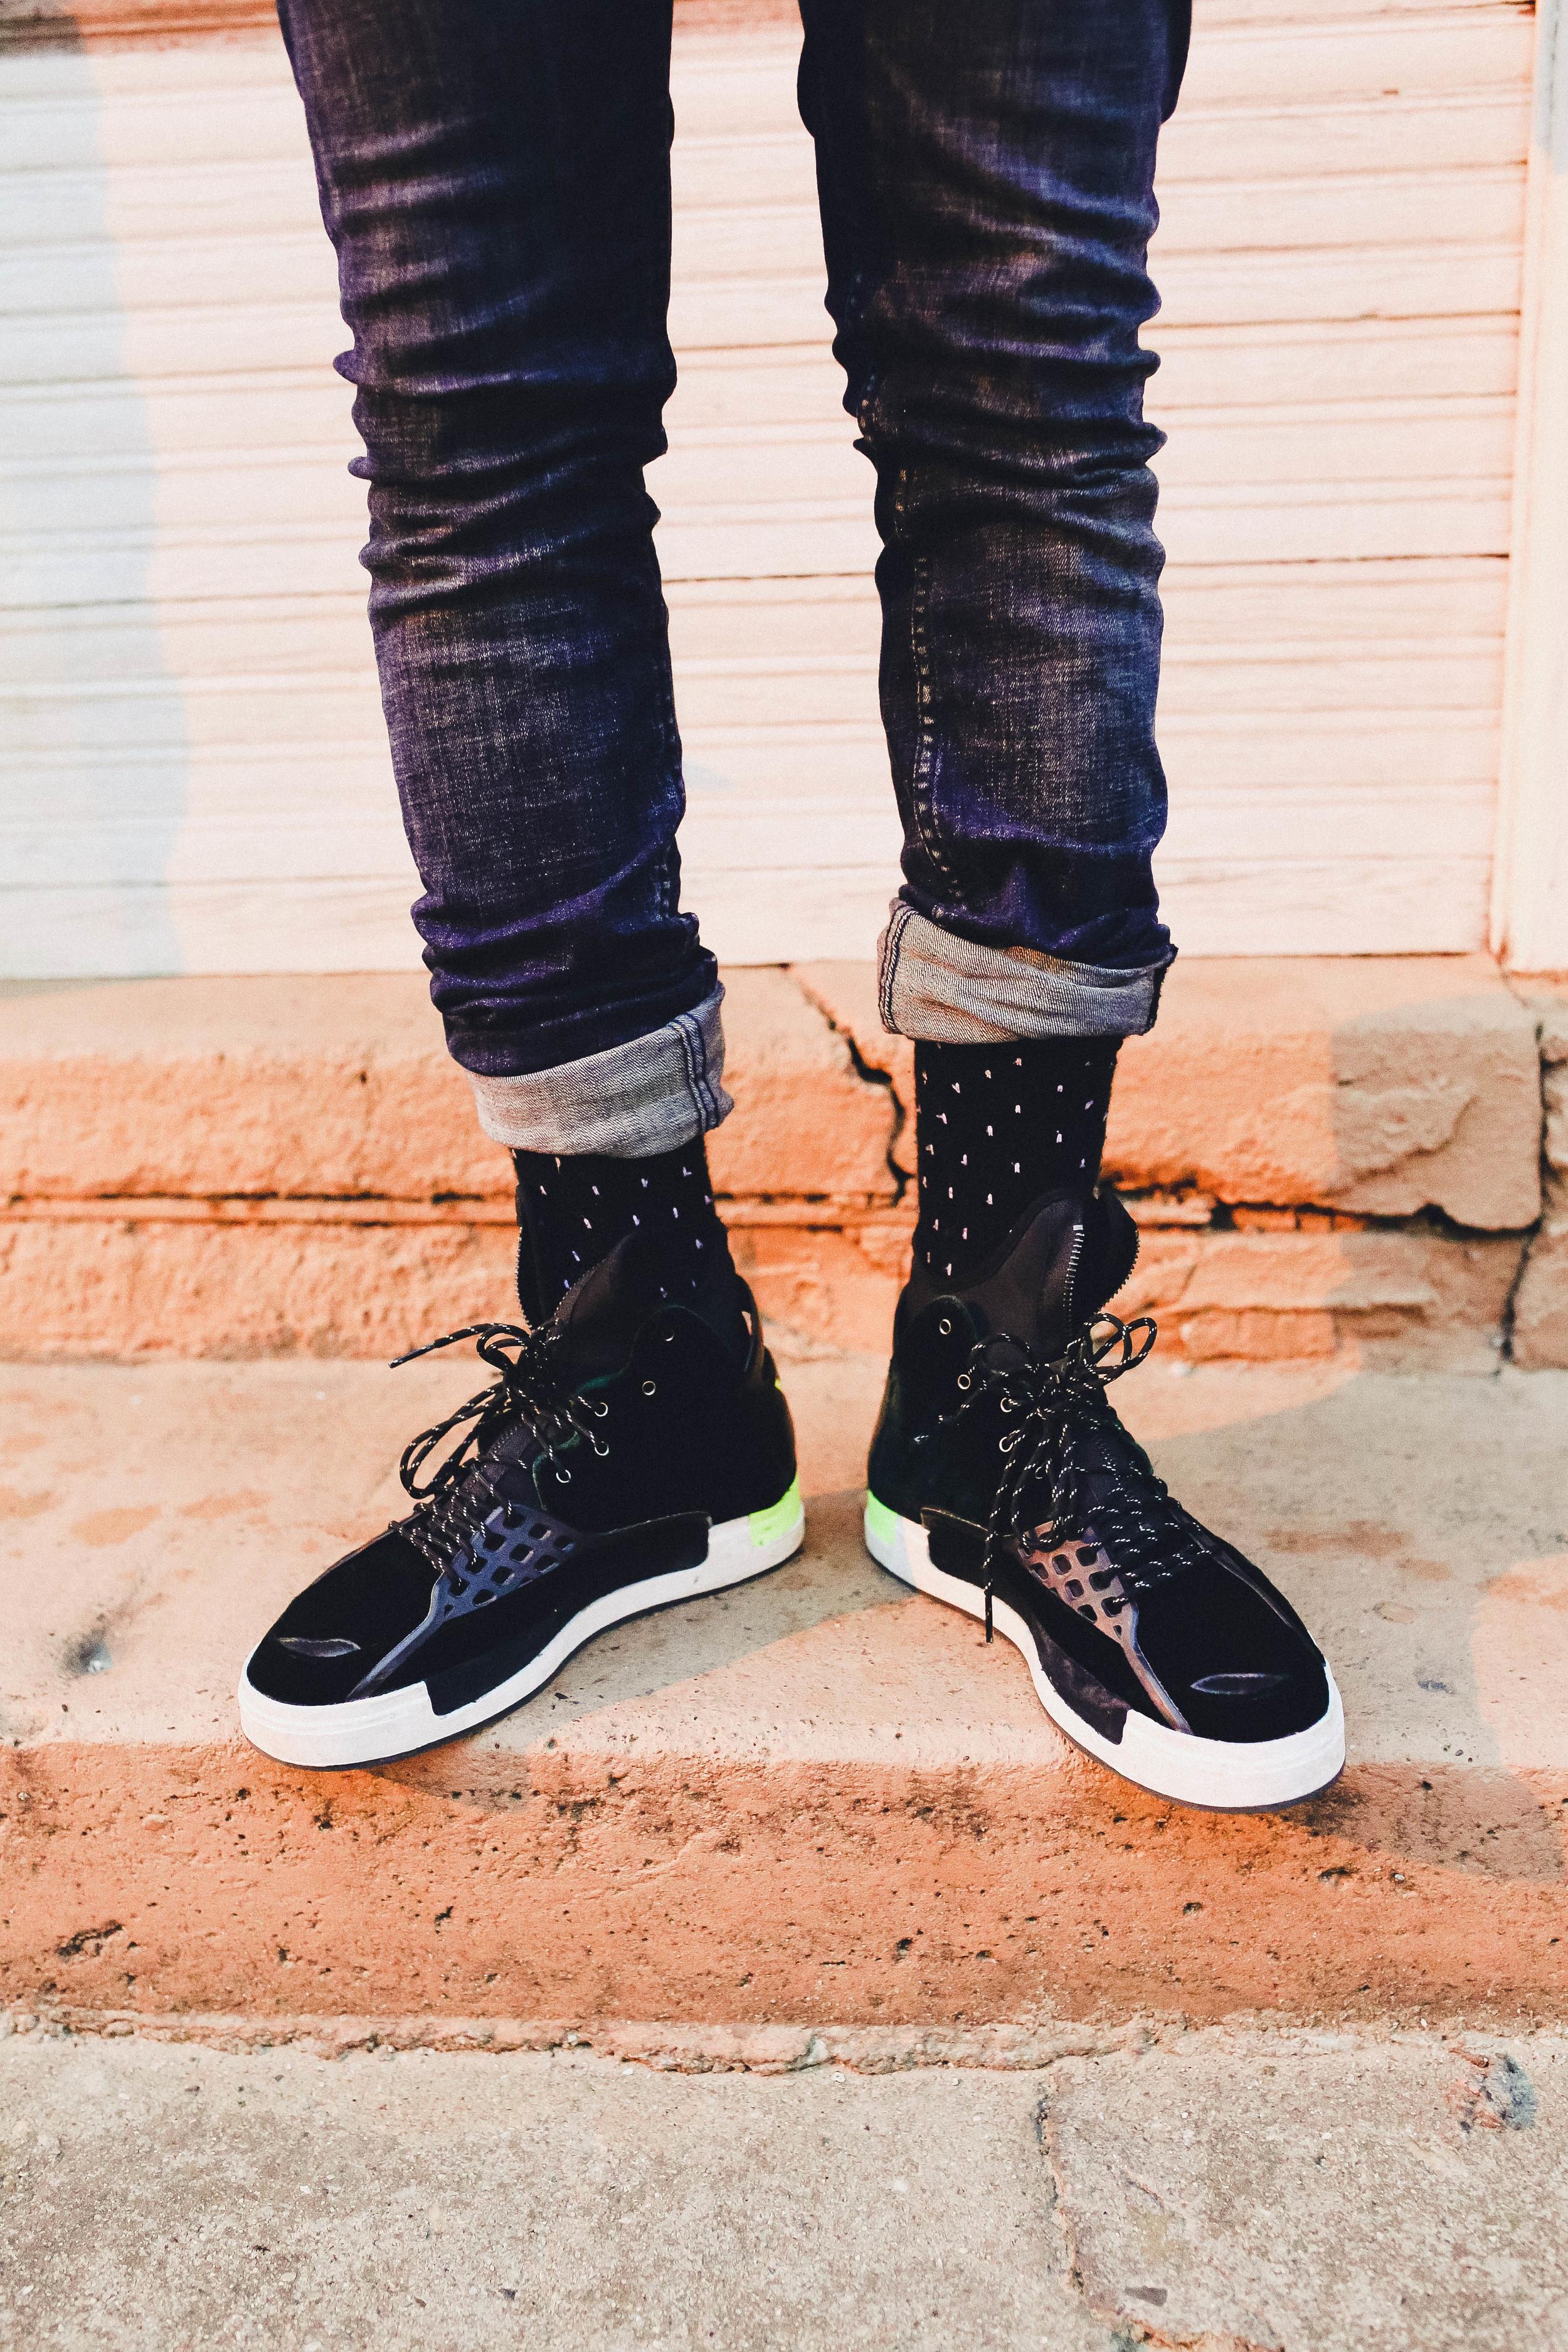 Socken - Fillipa K / Sneakers -Yamamoto (Y-3)